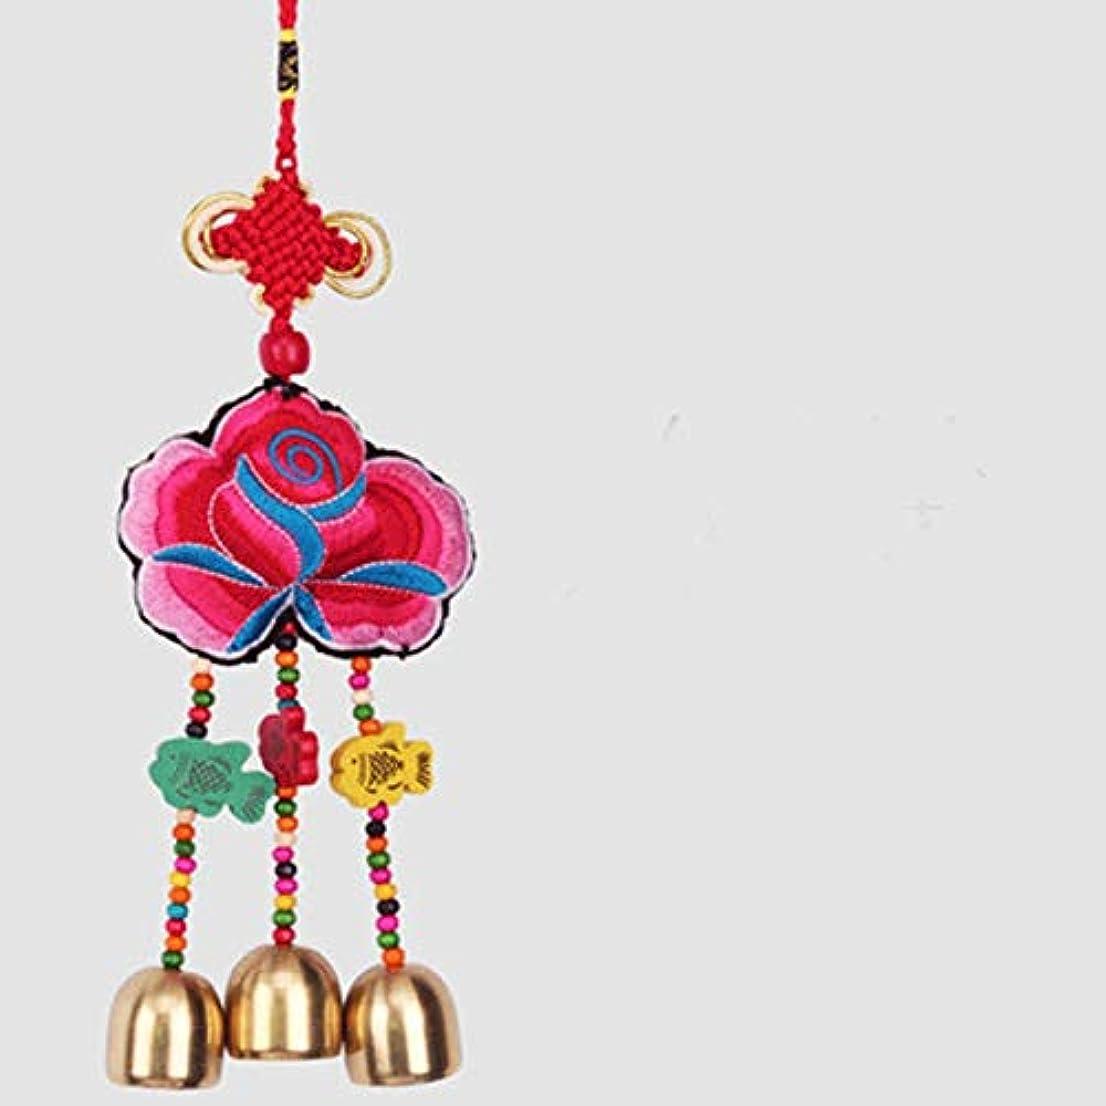 四復讐外交官Jingfengtongxun Small Wind Chimes、中華風刺繍工芸品、14スタイル、ワンピース,スタイリッシュなホリデーギフト (Color : 2)